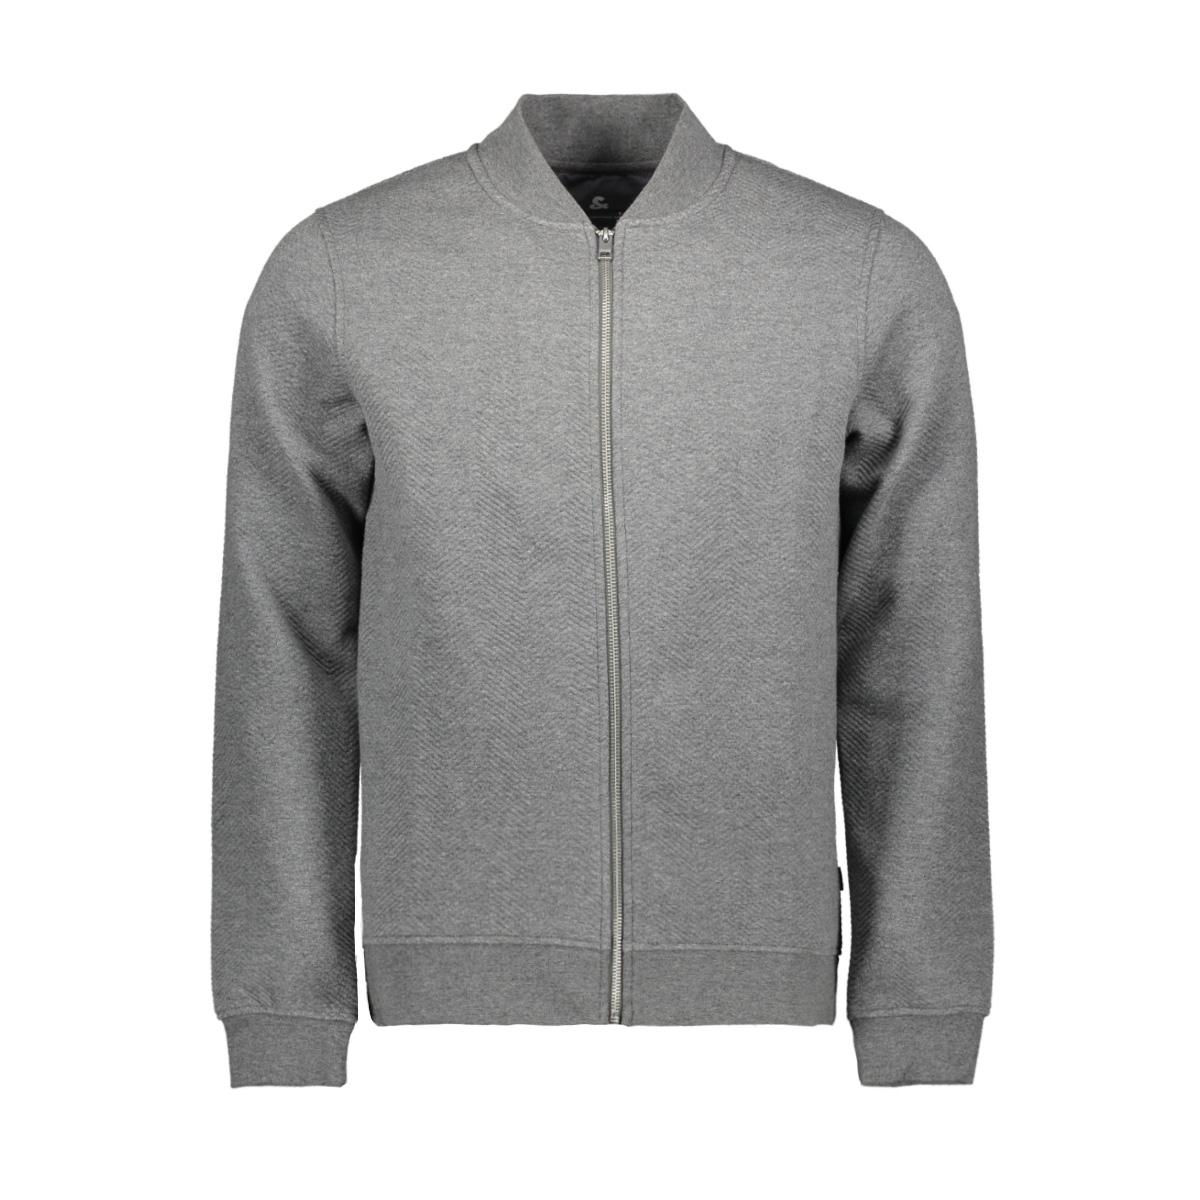 jprangus bla sweat zip cardigan - p 12156941 jack & jones vest grey melange/slim fit